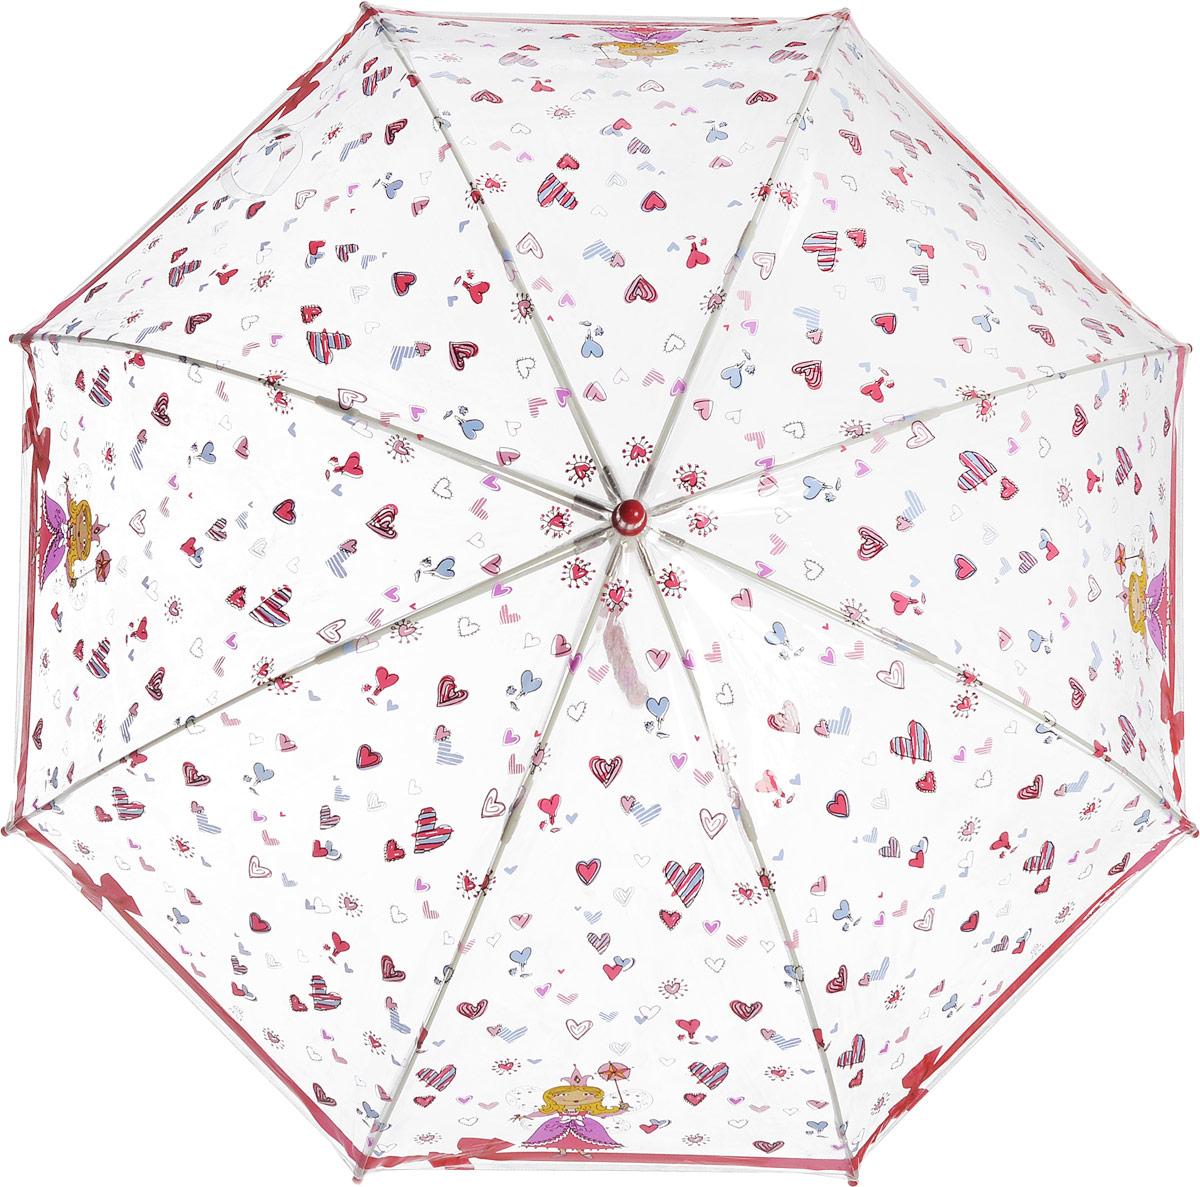 Зонт-трость детский Zest механический, цвет: прозрачный, бордовый. 51510-0451510-04Детский зонт-трость Zest выполнен из металла и пластика, оформлен силуэтами картинок. Каркас зонта выполнен из восьми спиц, стержень из стали. На концах спиц предусмотрены пластиковые элементы, которые защитят малыша от травм. Купол зонта изготовлен прочного полиэстера. Закрытый купол застегивается на липучку хлястиком. Практичная глянцевая рукоятка закругленной формы разработана с учетом требований эргономики и выполнена из пластика. Чудесный прозрачный зонтик с изображением красочного рисунка на прозрачном куполе. Эта очень позитивная, прочная в применении модель обязательно понравится вашему ребенку.